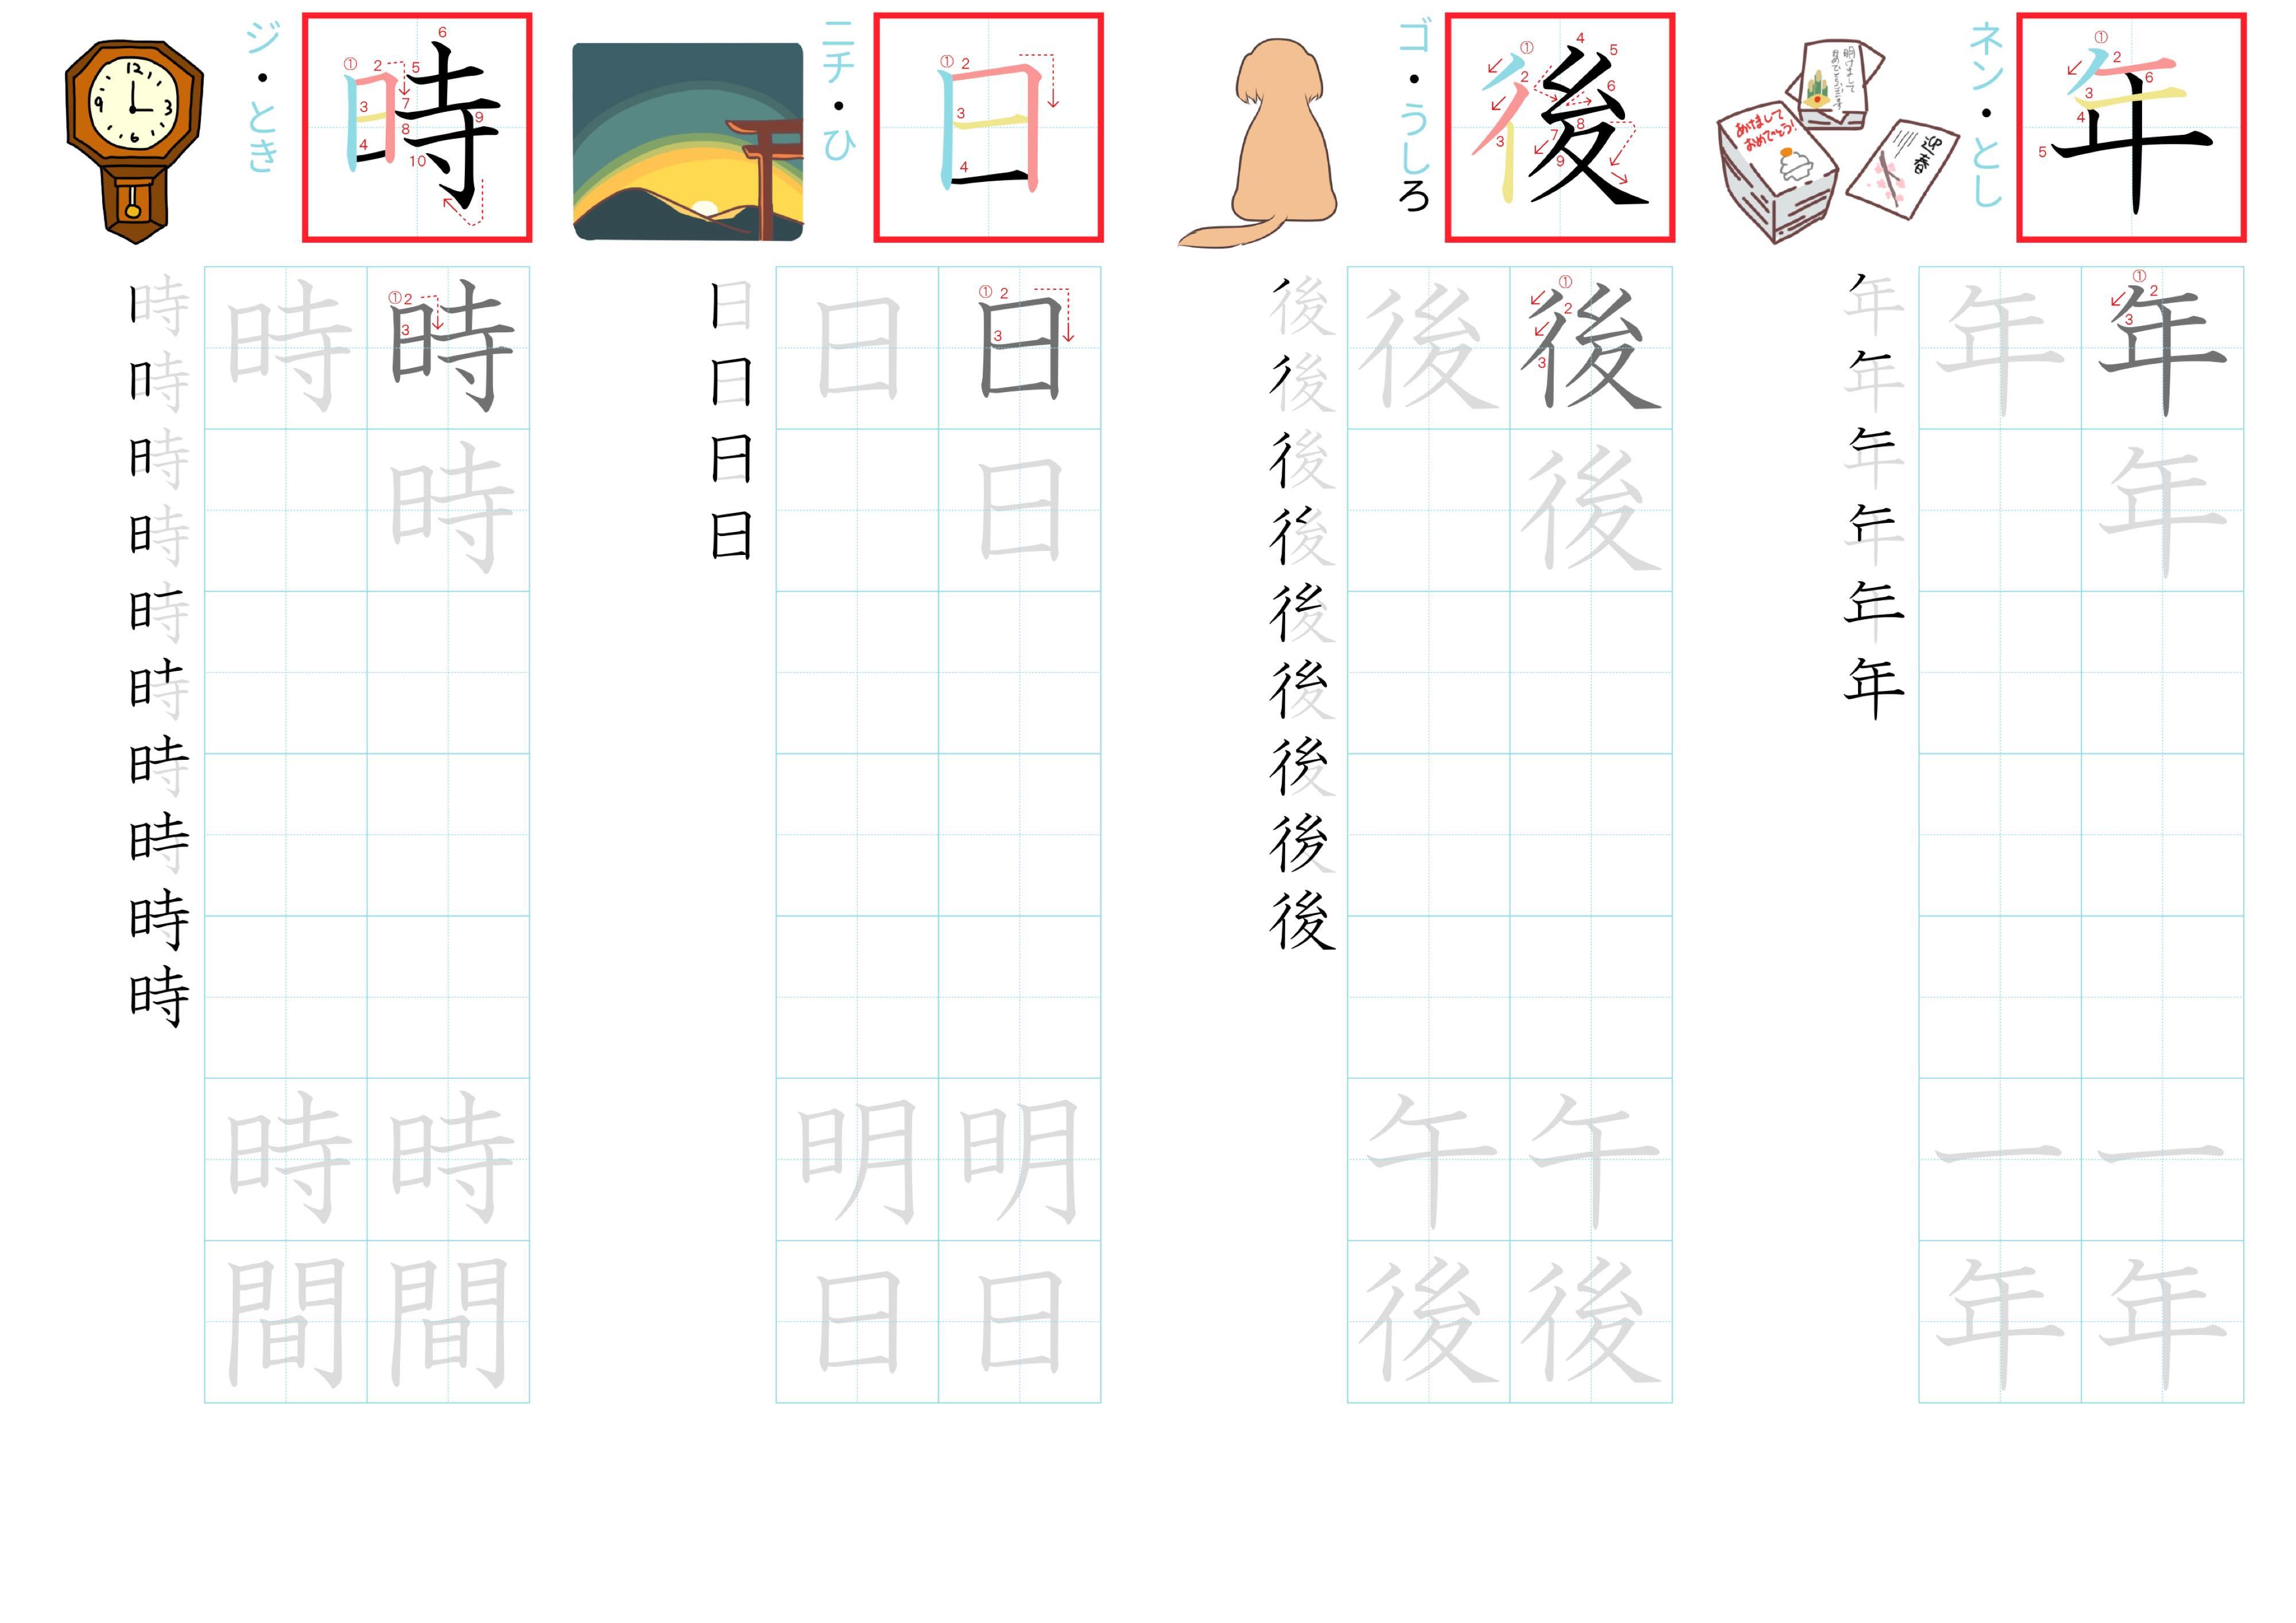 kanji-practice-card-n5-japanese-012